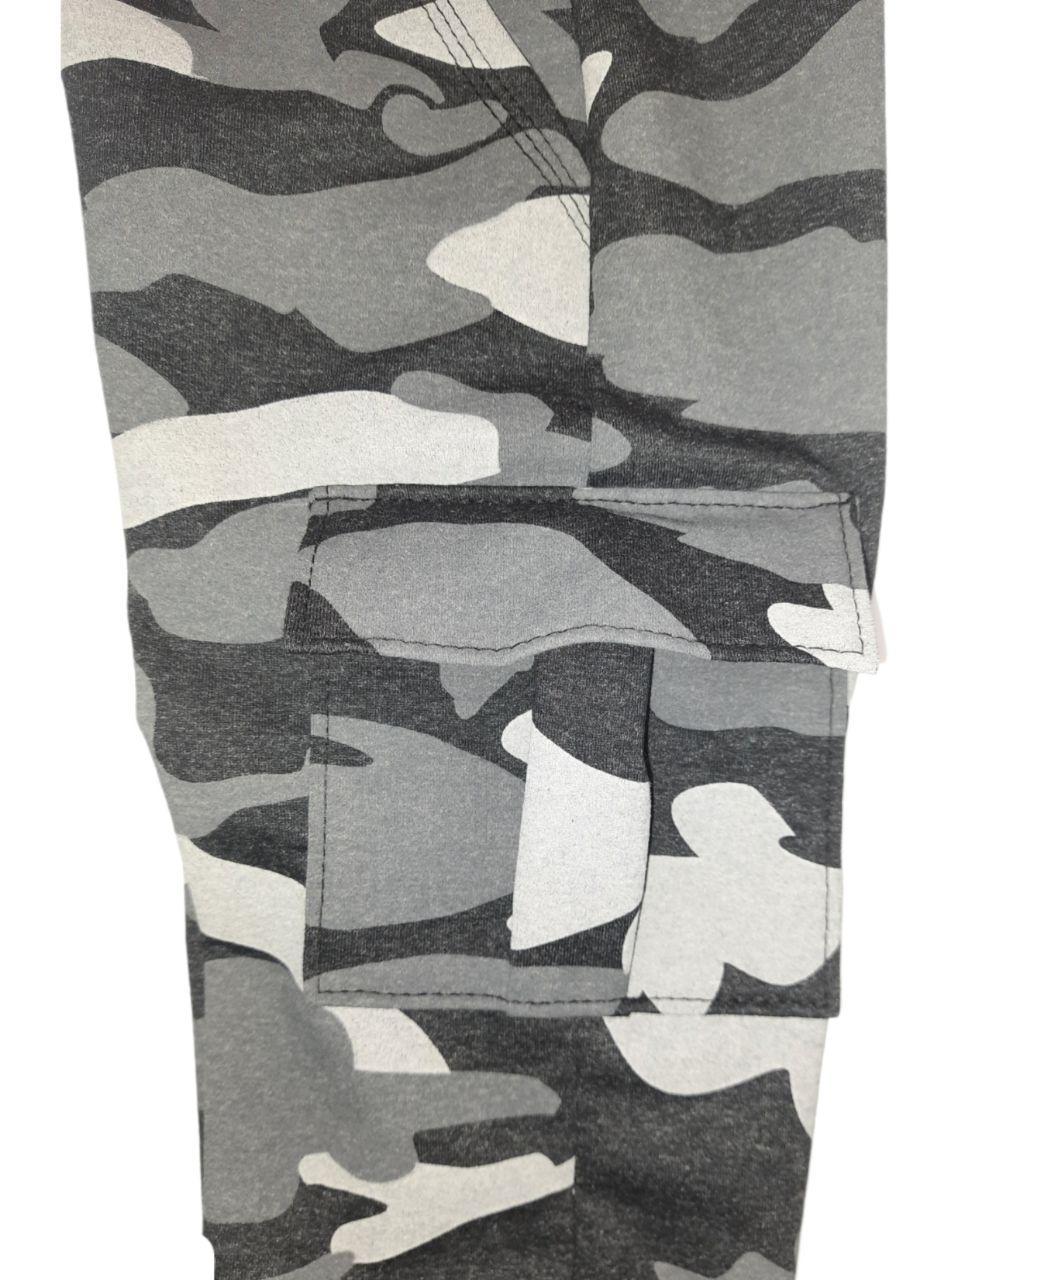 Штаны подоросток хаки с боковым карманом двунить